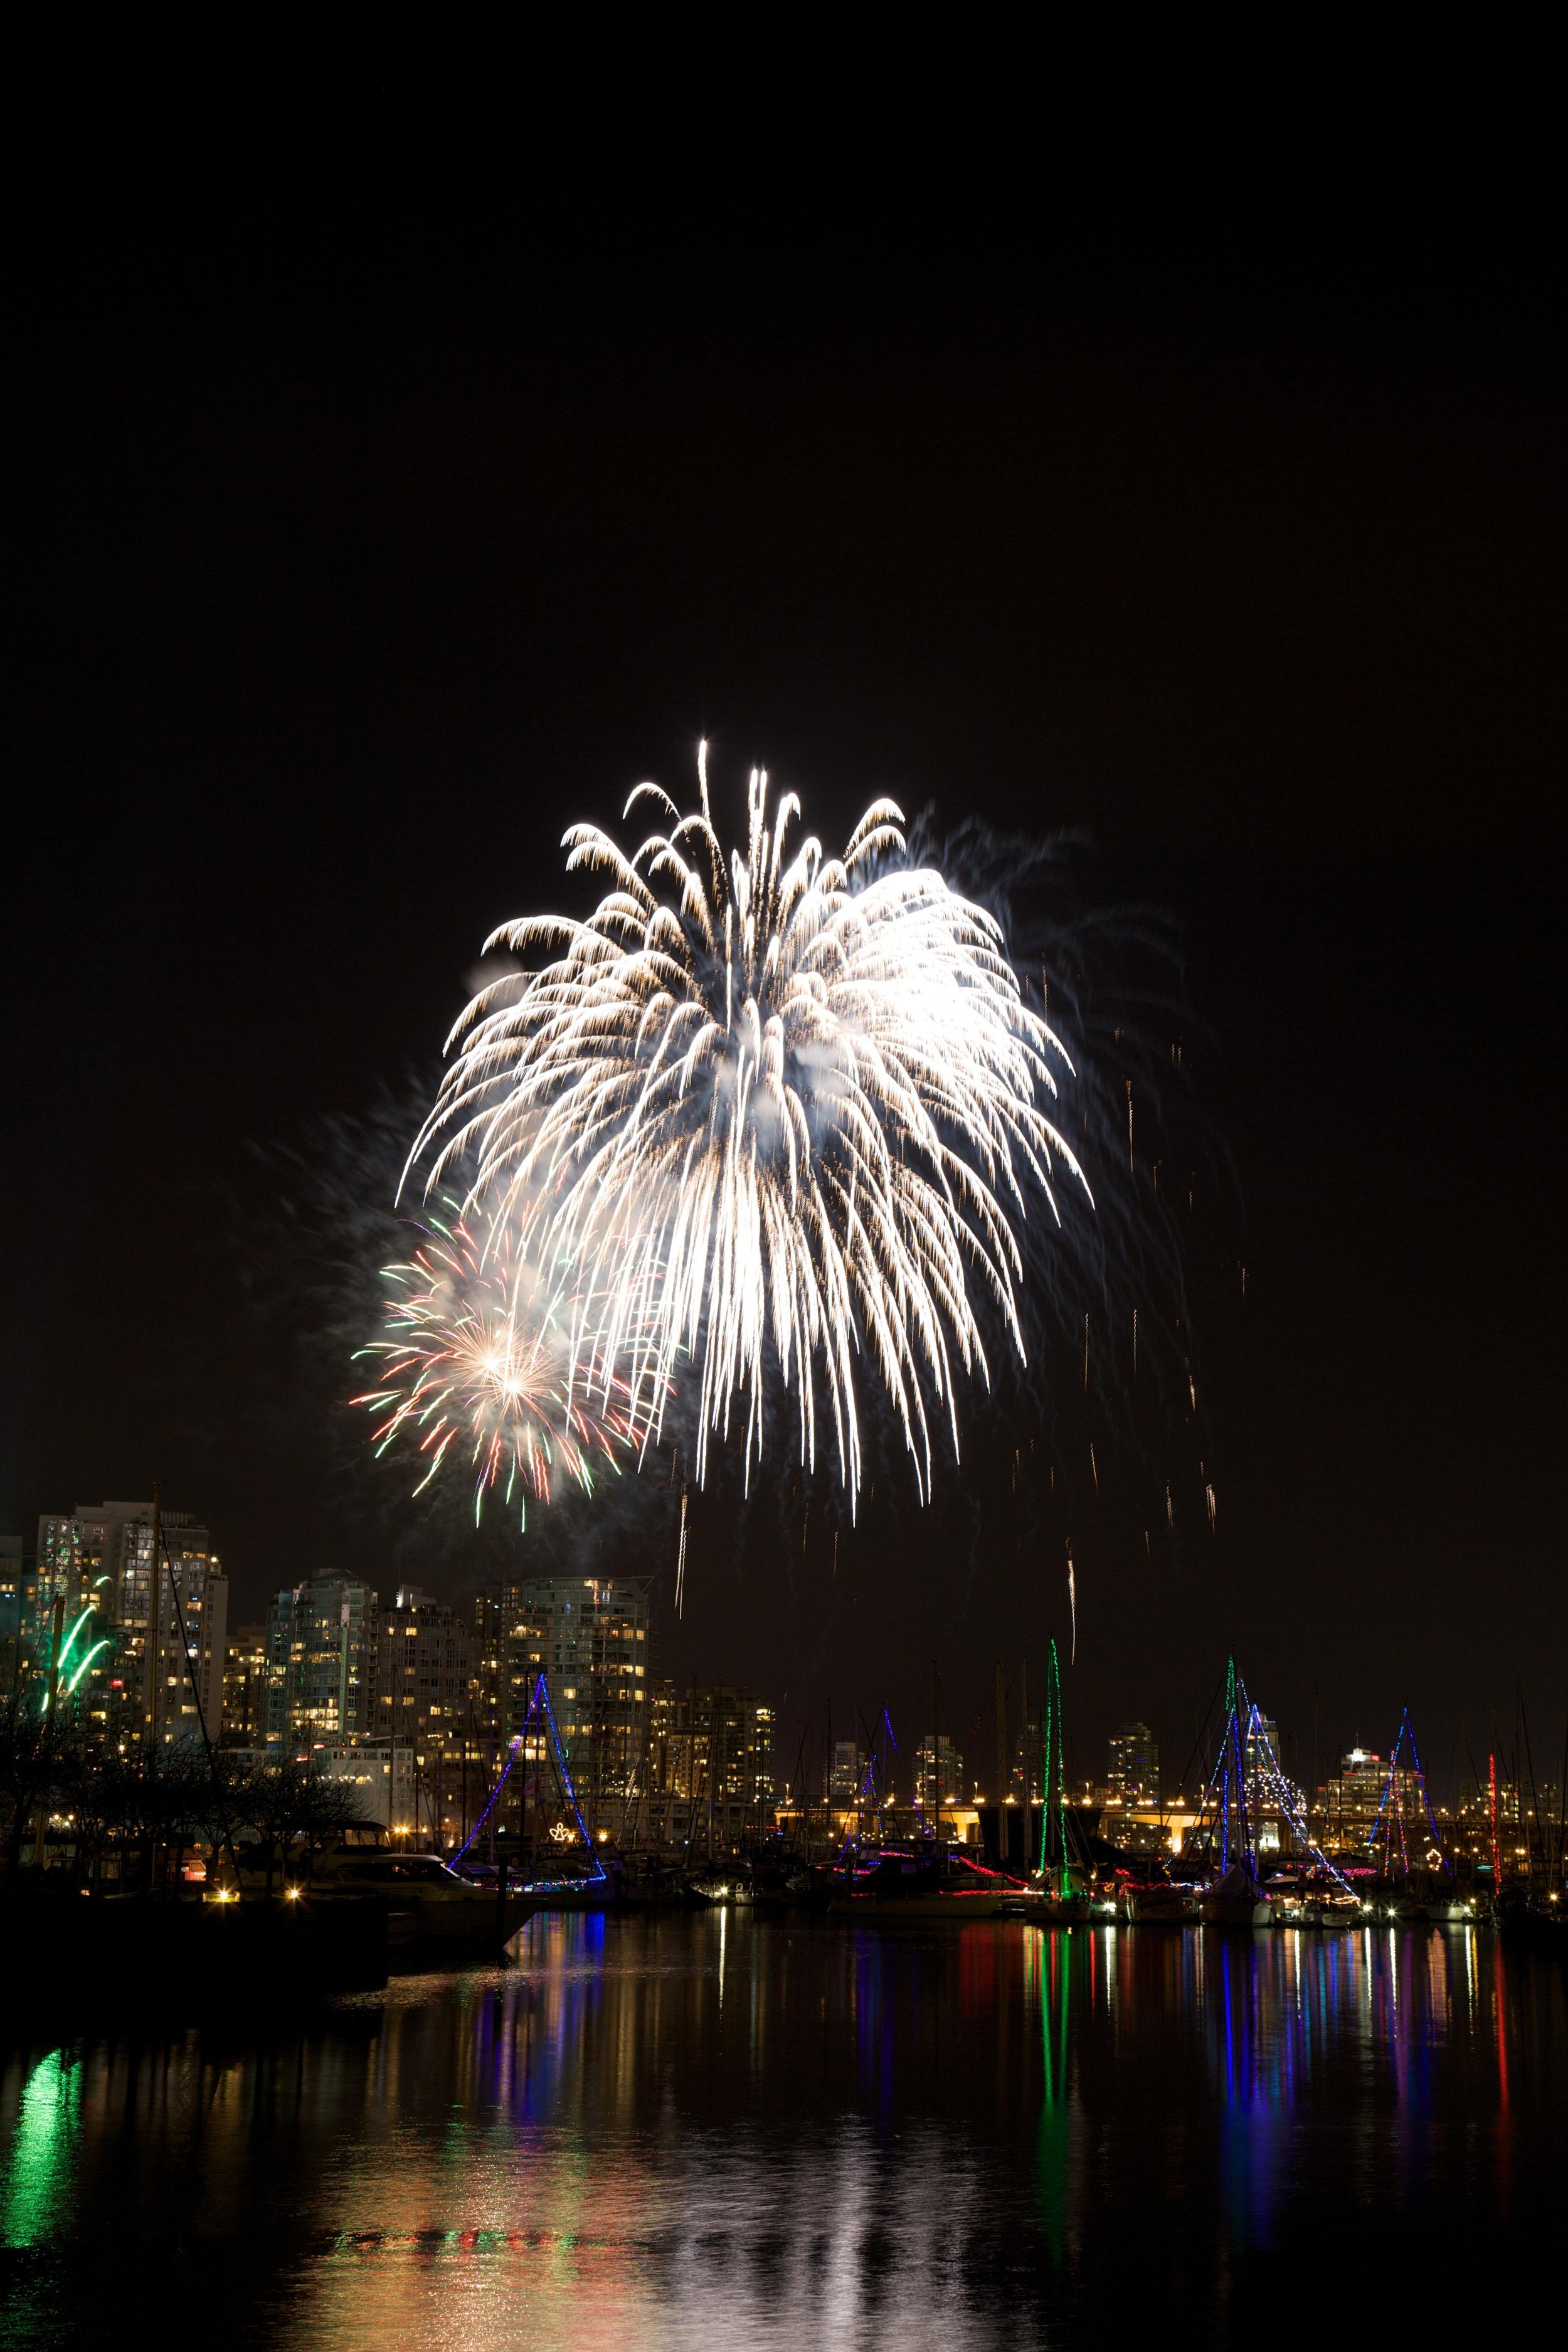 Vancouver2010++10259-796617450-O.jpg